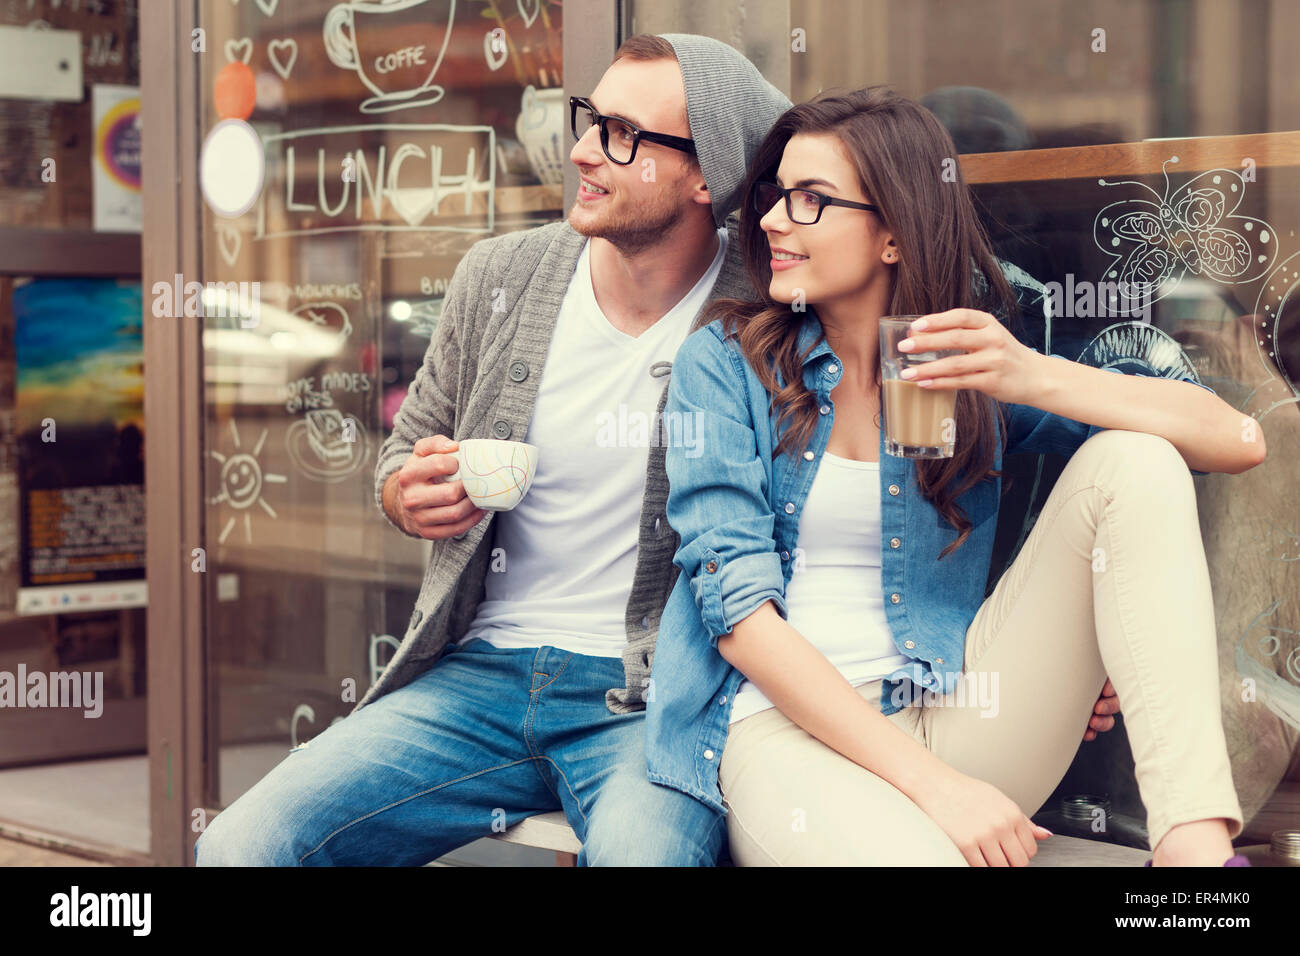 Portrait de couple élégant à l'extérieur du café. Cracovie, Pologne Photo Stock